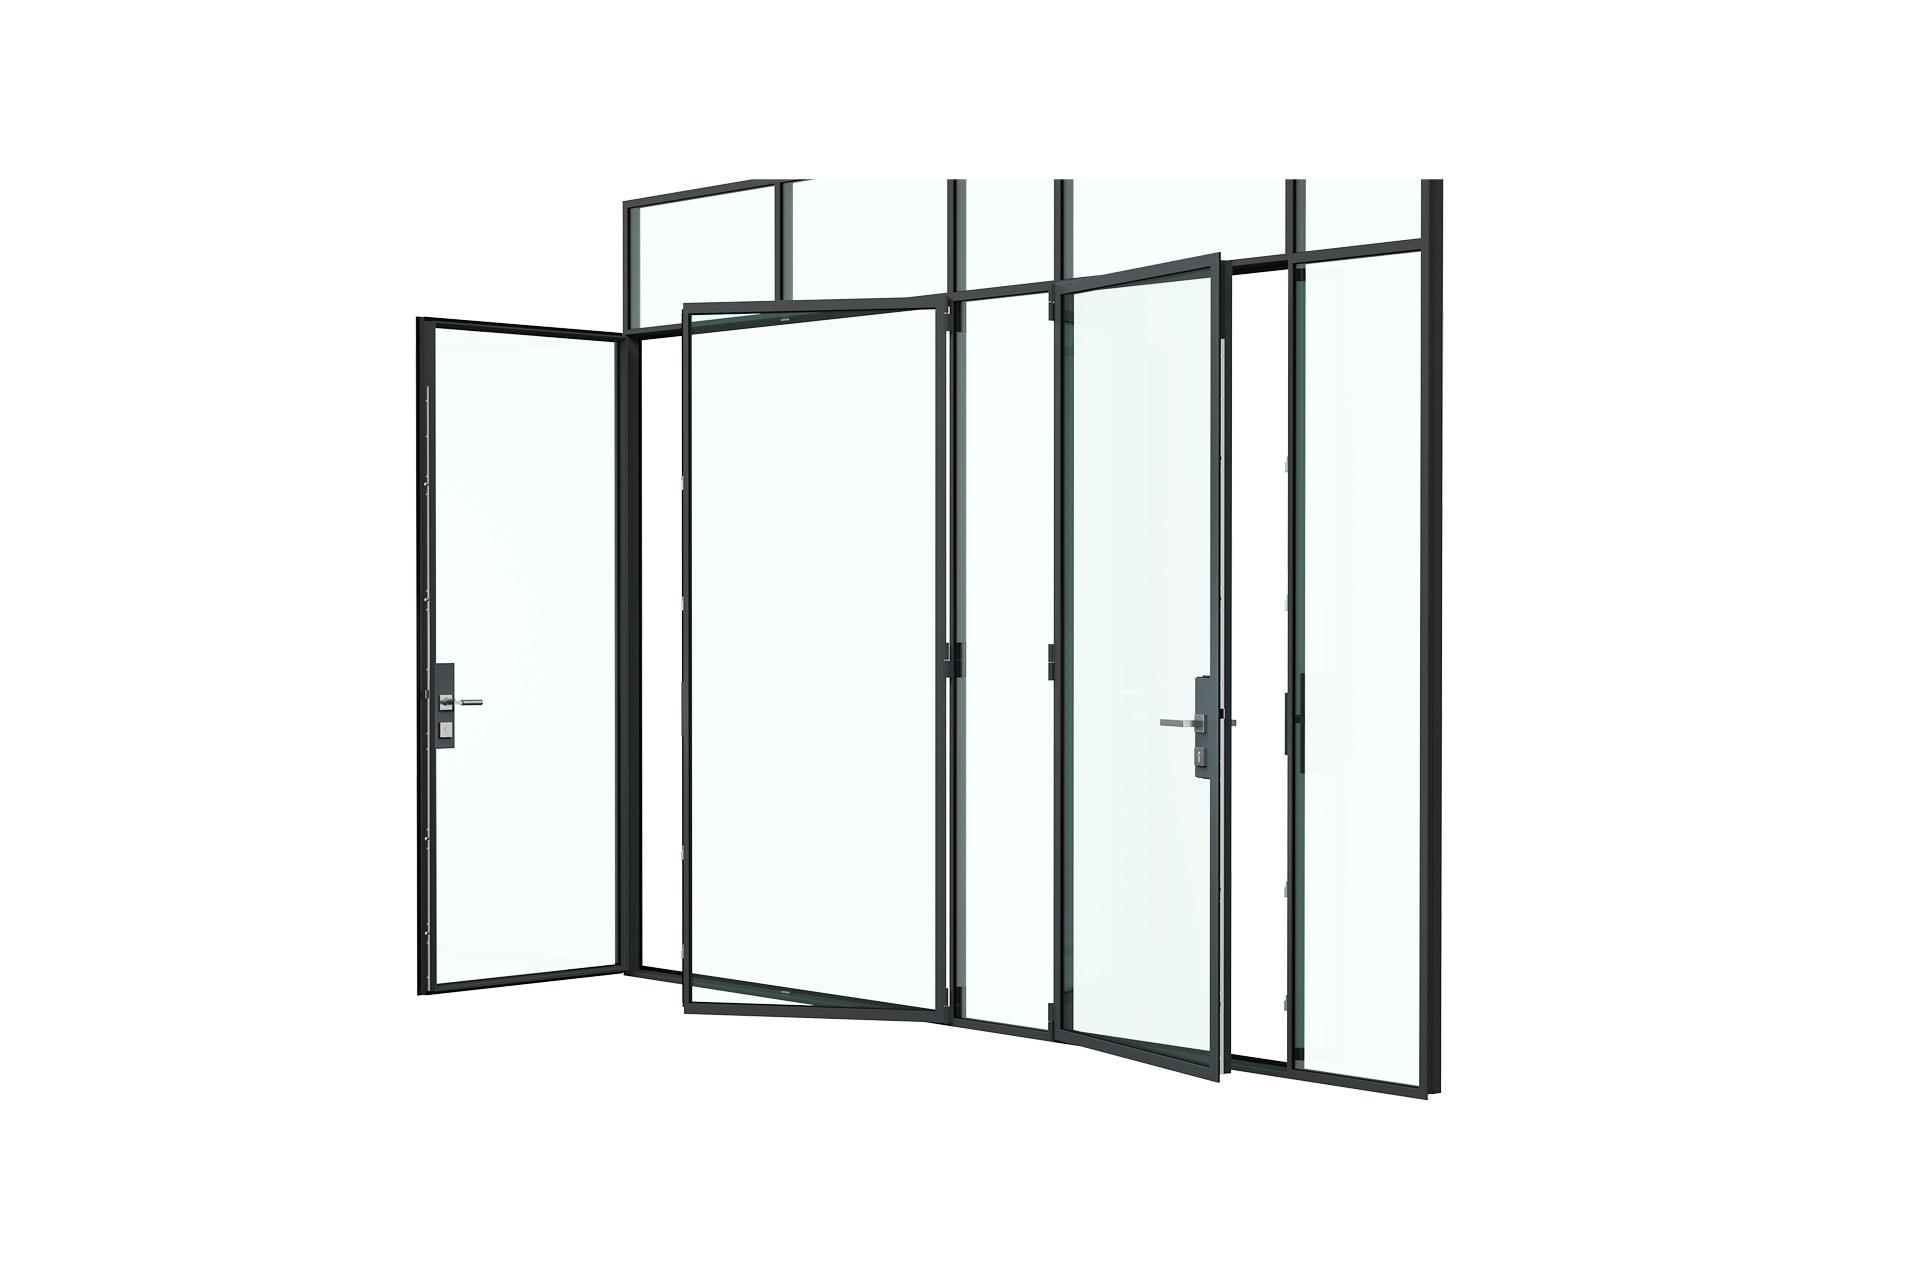 3d rendering side view of MHB steel Floating lock case doors